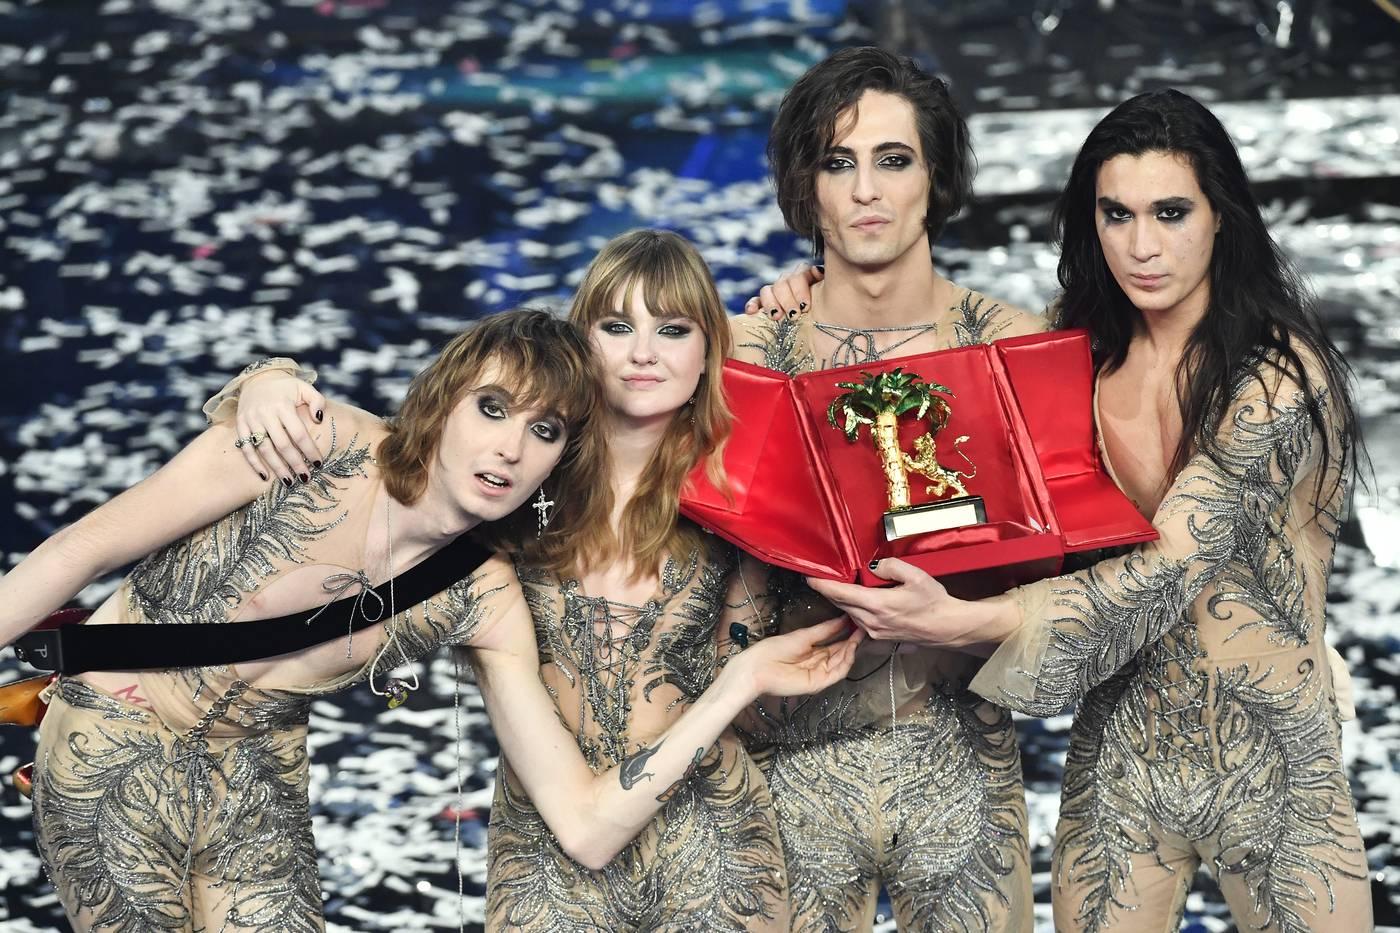 Festival di Sanremo 2021, vincono i Maneskin, secondo posto per Fedez e Francesca Michielin, terzo Ermal Meta